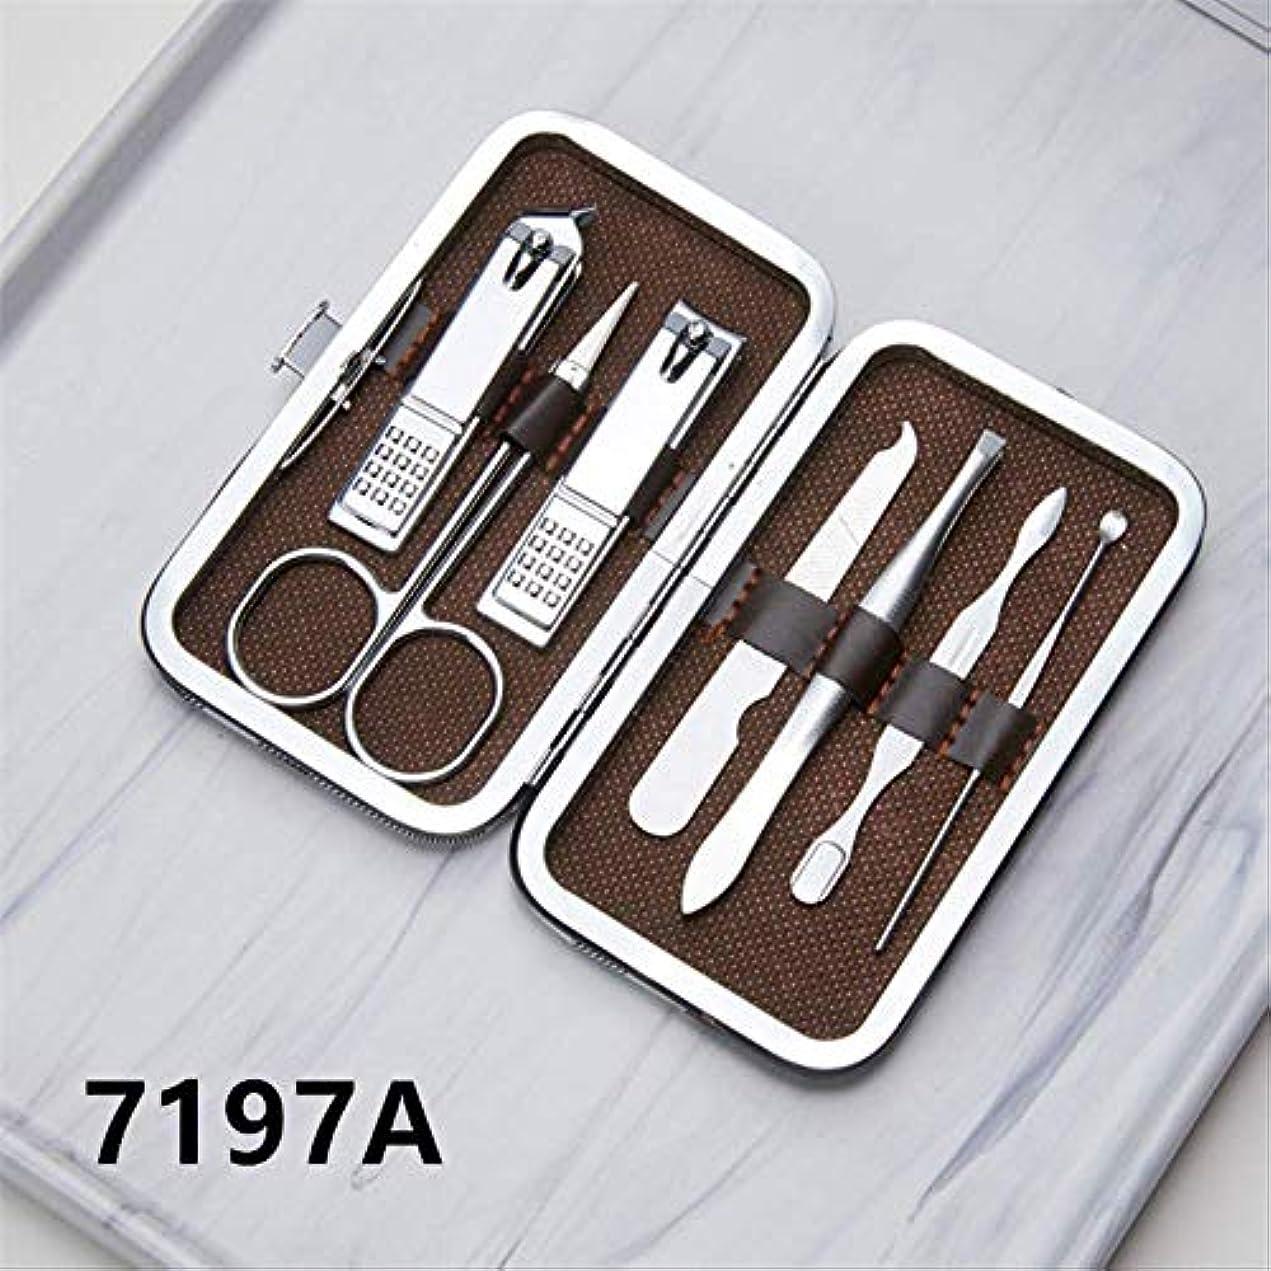 影響する大騒ぎガレージ爪切りセット16ピースペディキュアナイフ美容プライヤー爪ツール 7197A